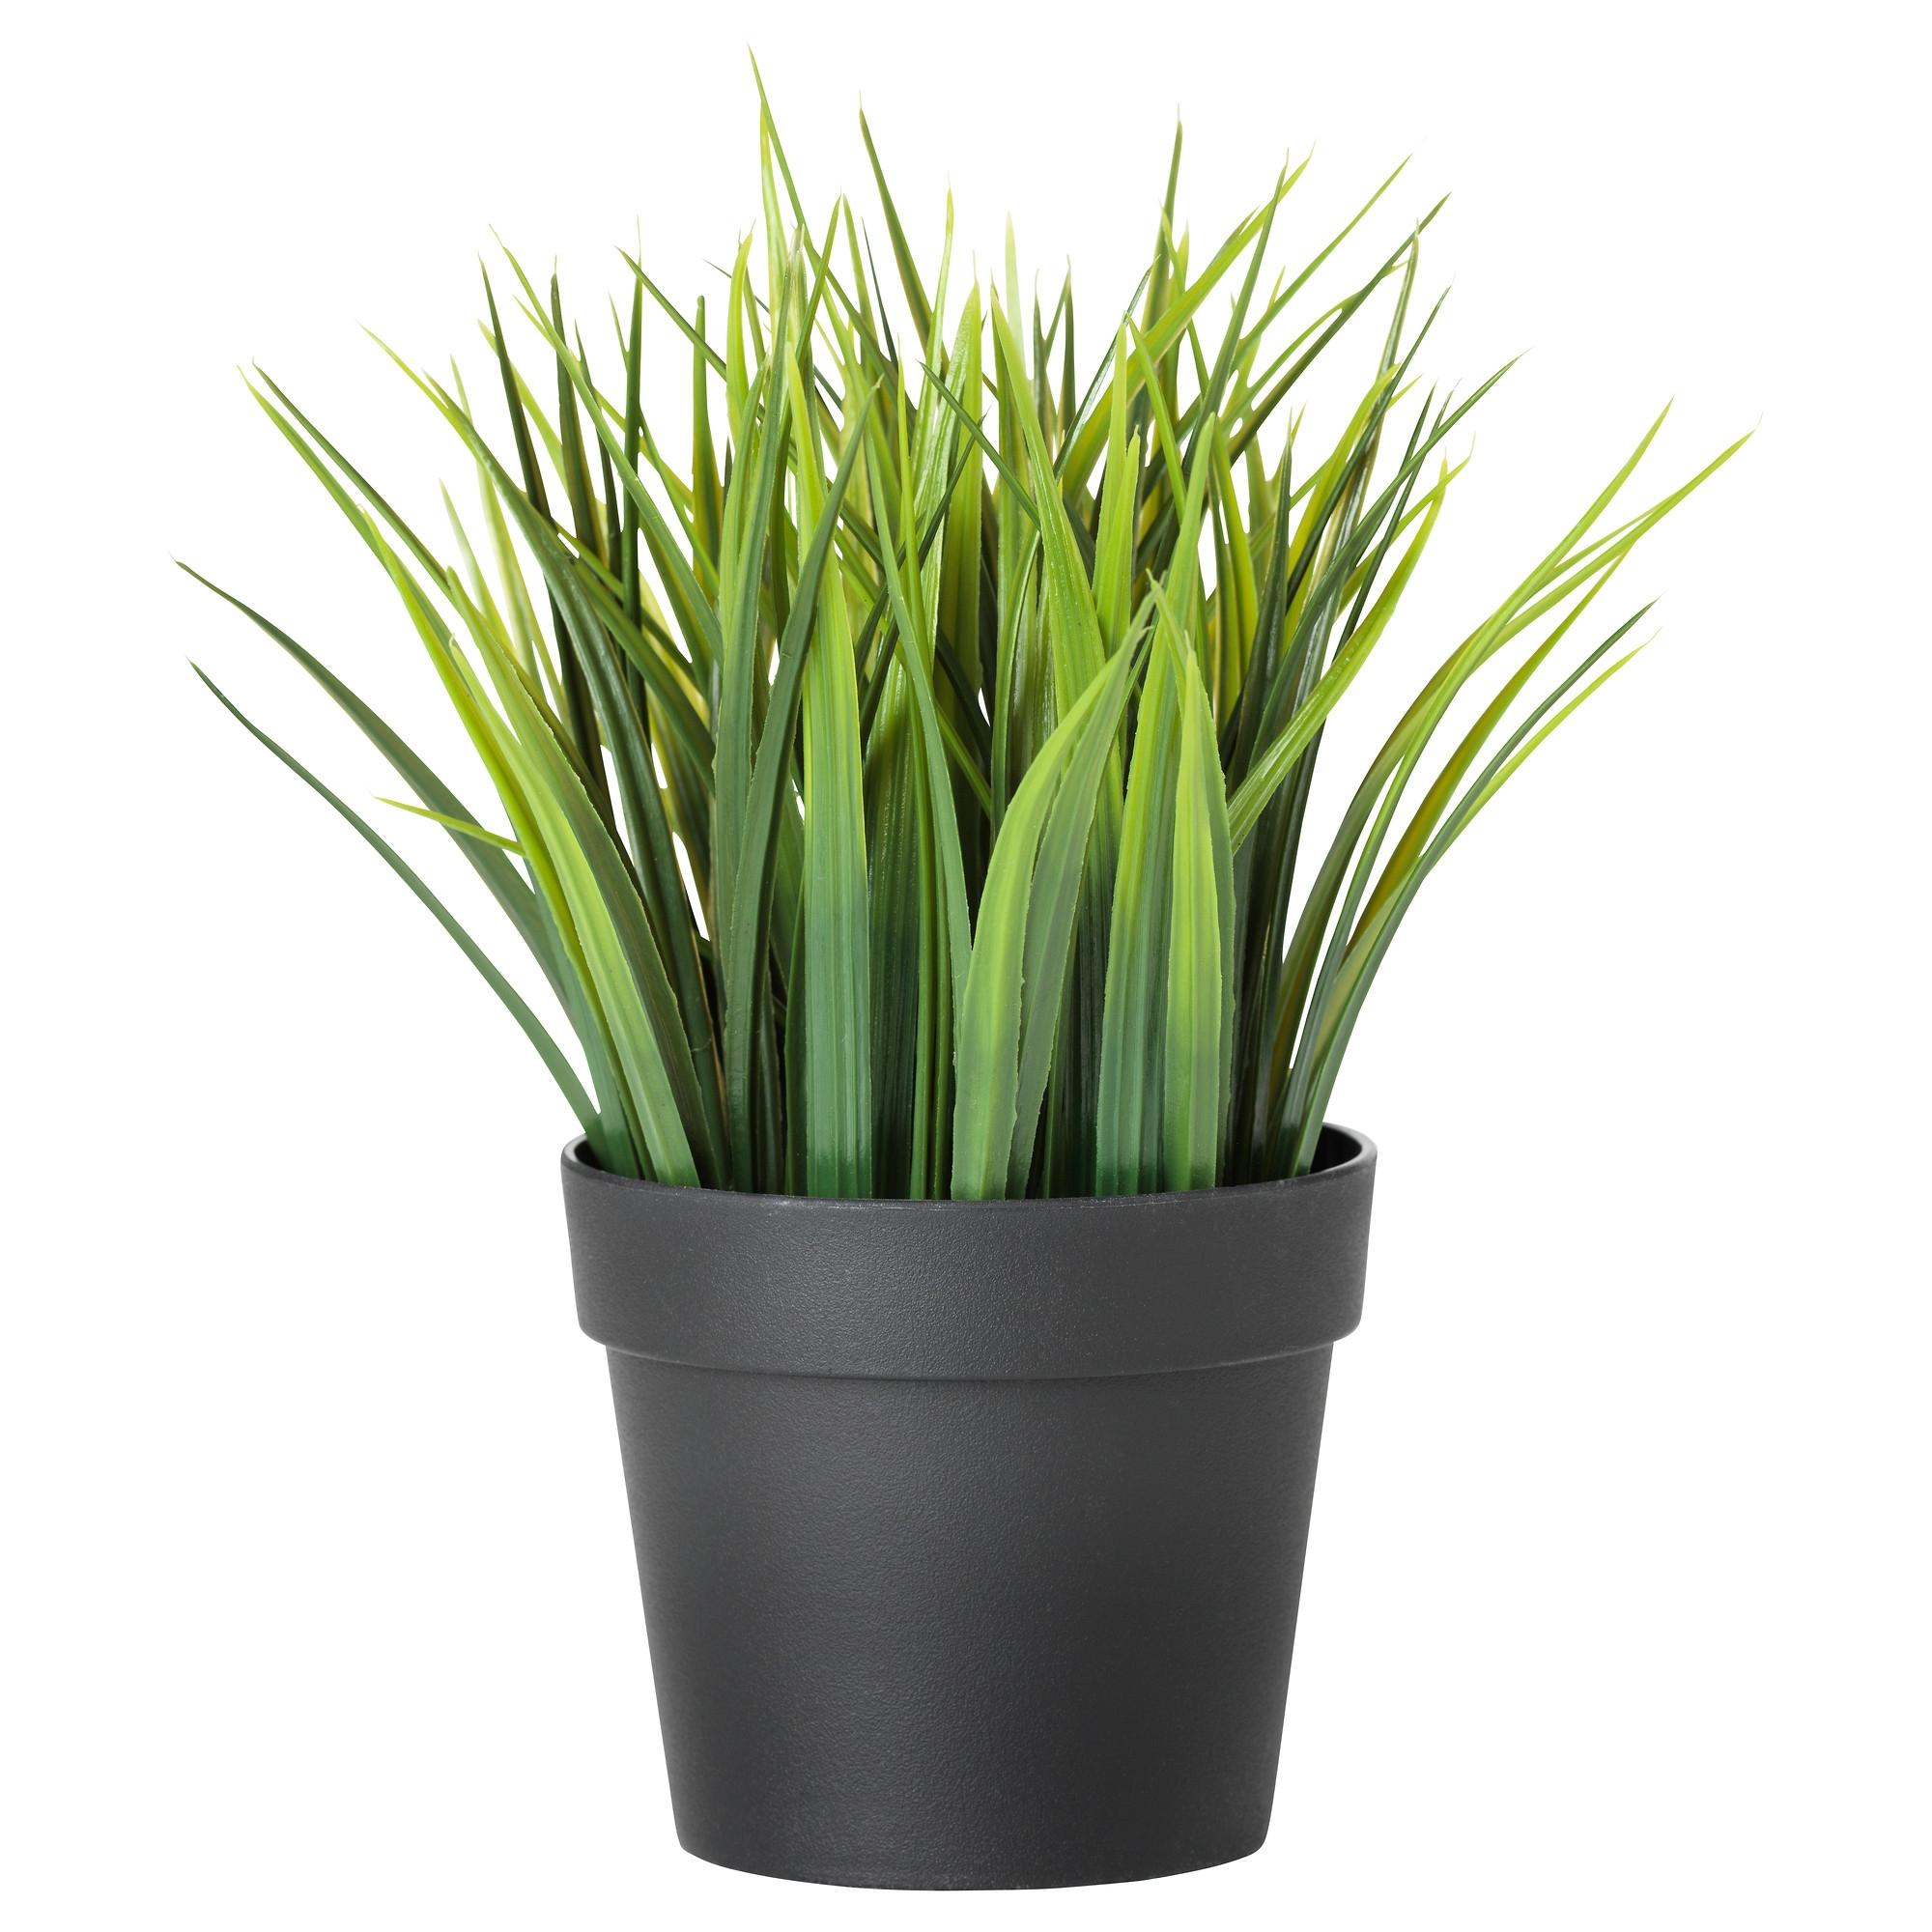 Fejka planta artificial en maceta - Plantas artificiales en ikea ...